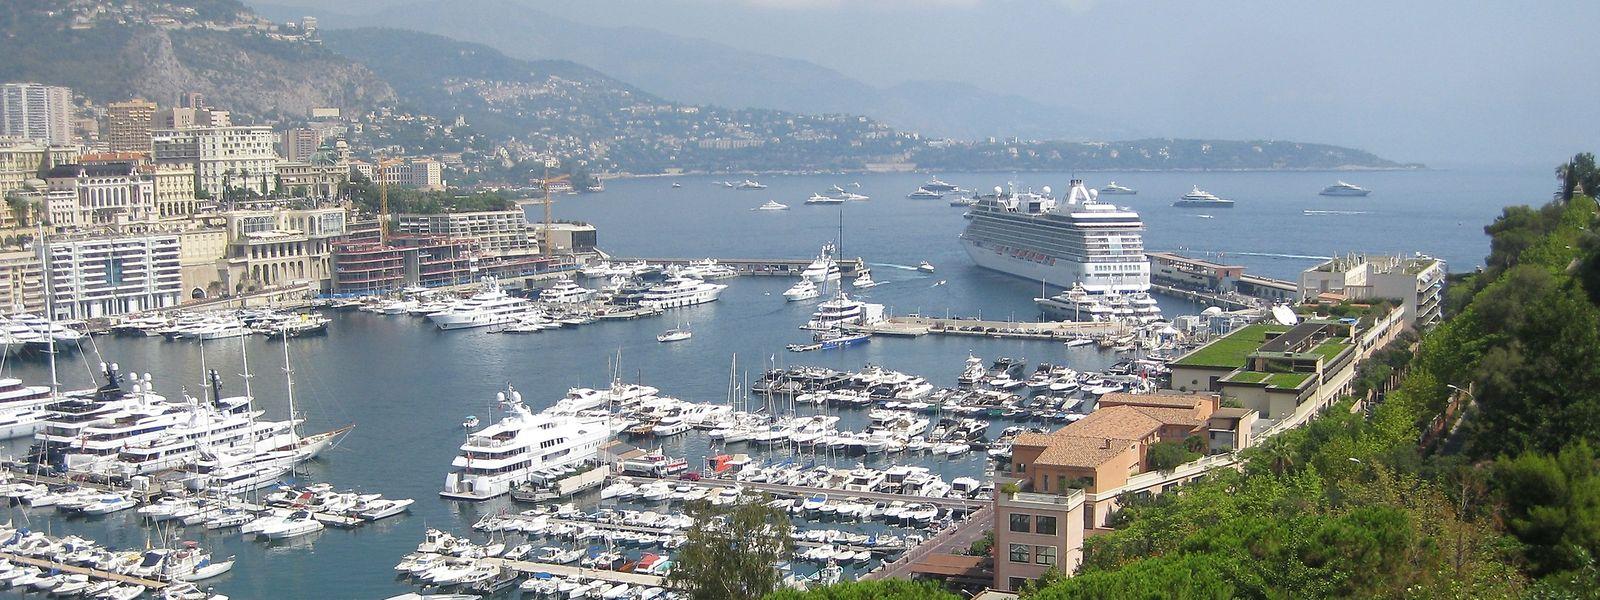 Blick vom Rocher auf den Hafen von Monte-Carlo und die dort anliegende Riviera.